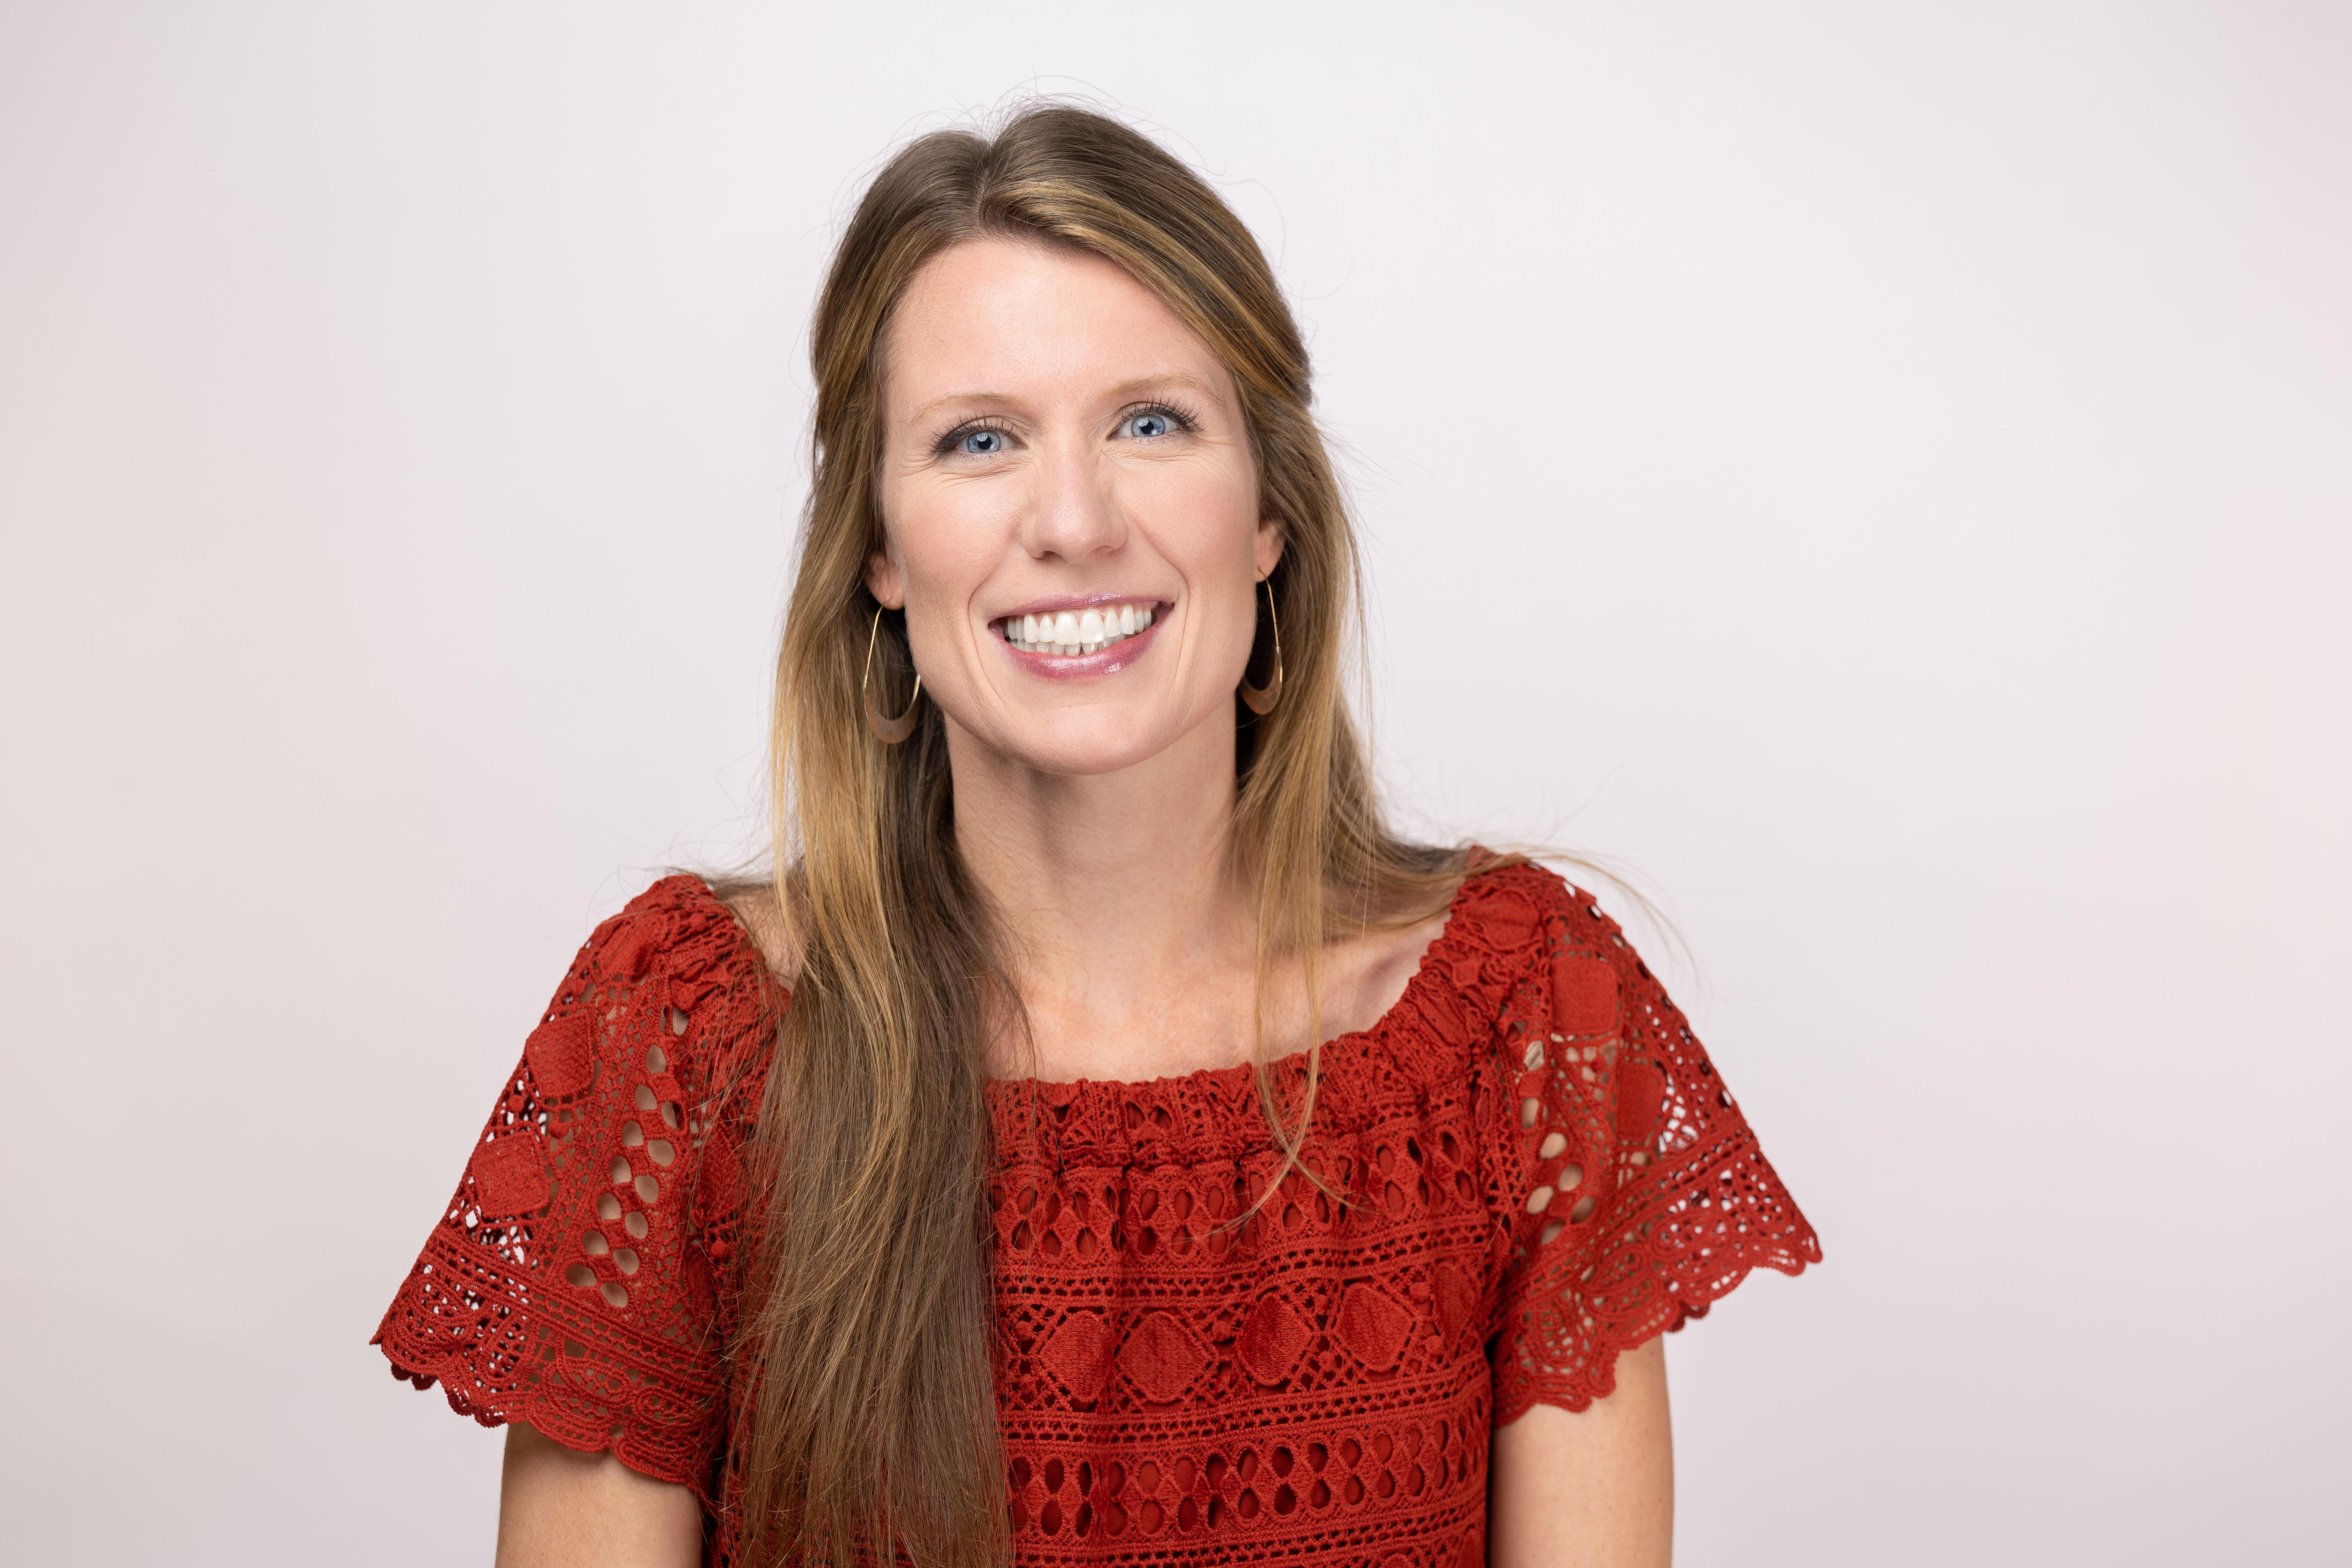 Lauren Wilhite